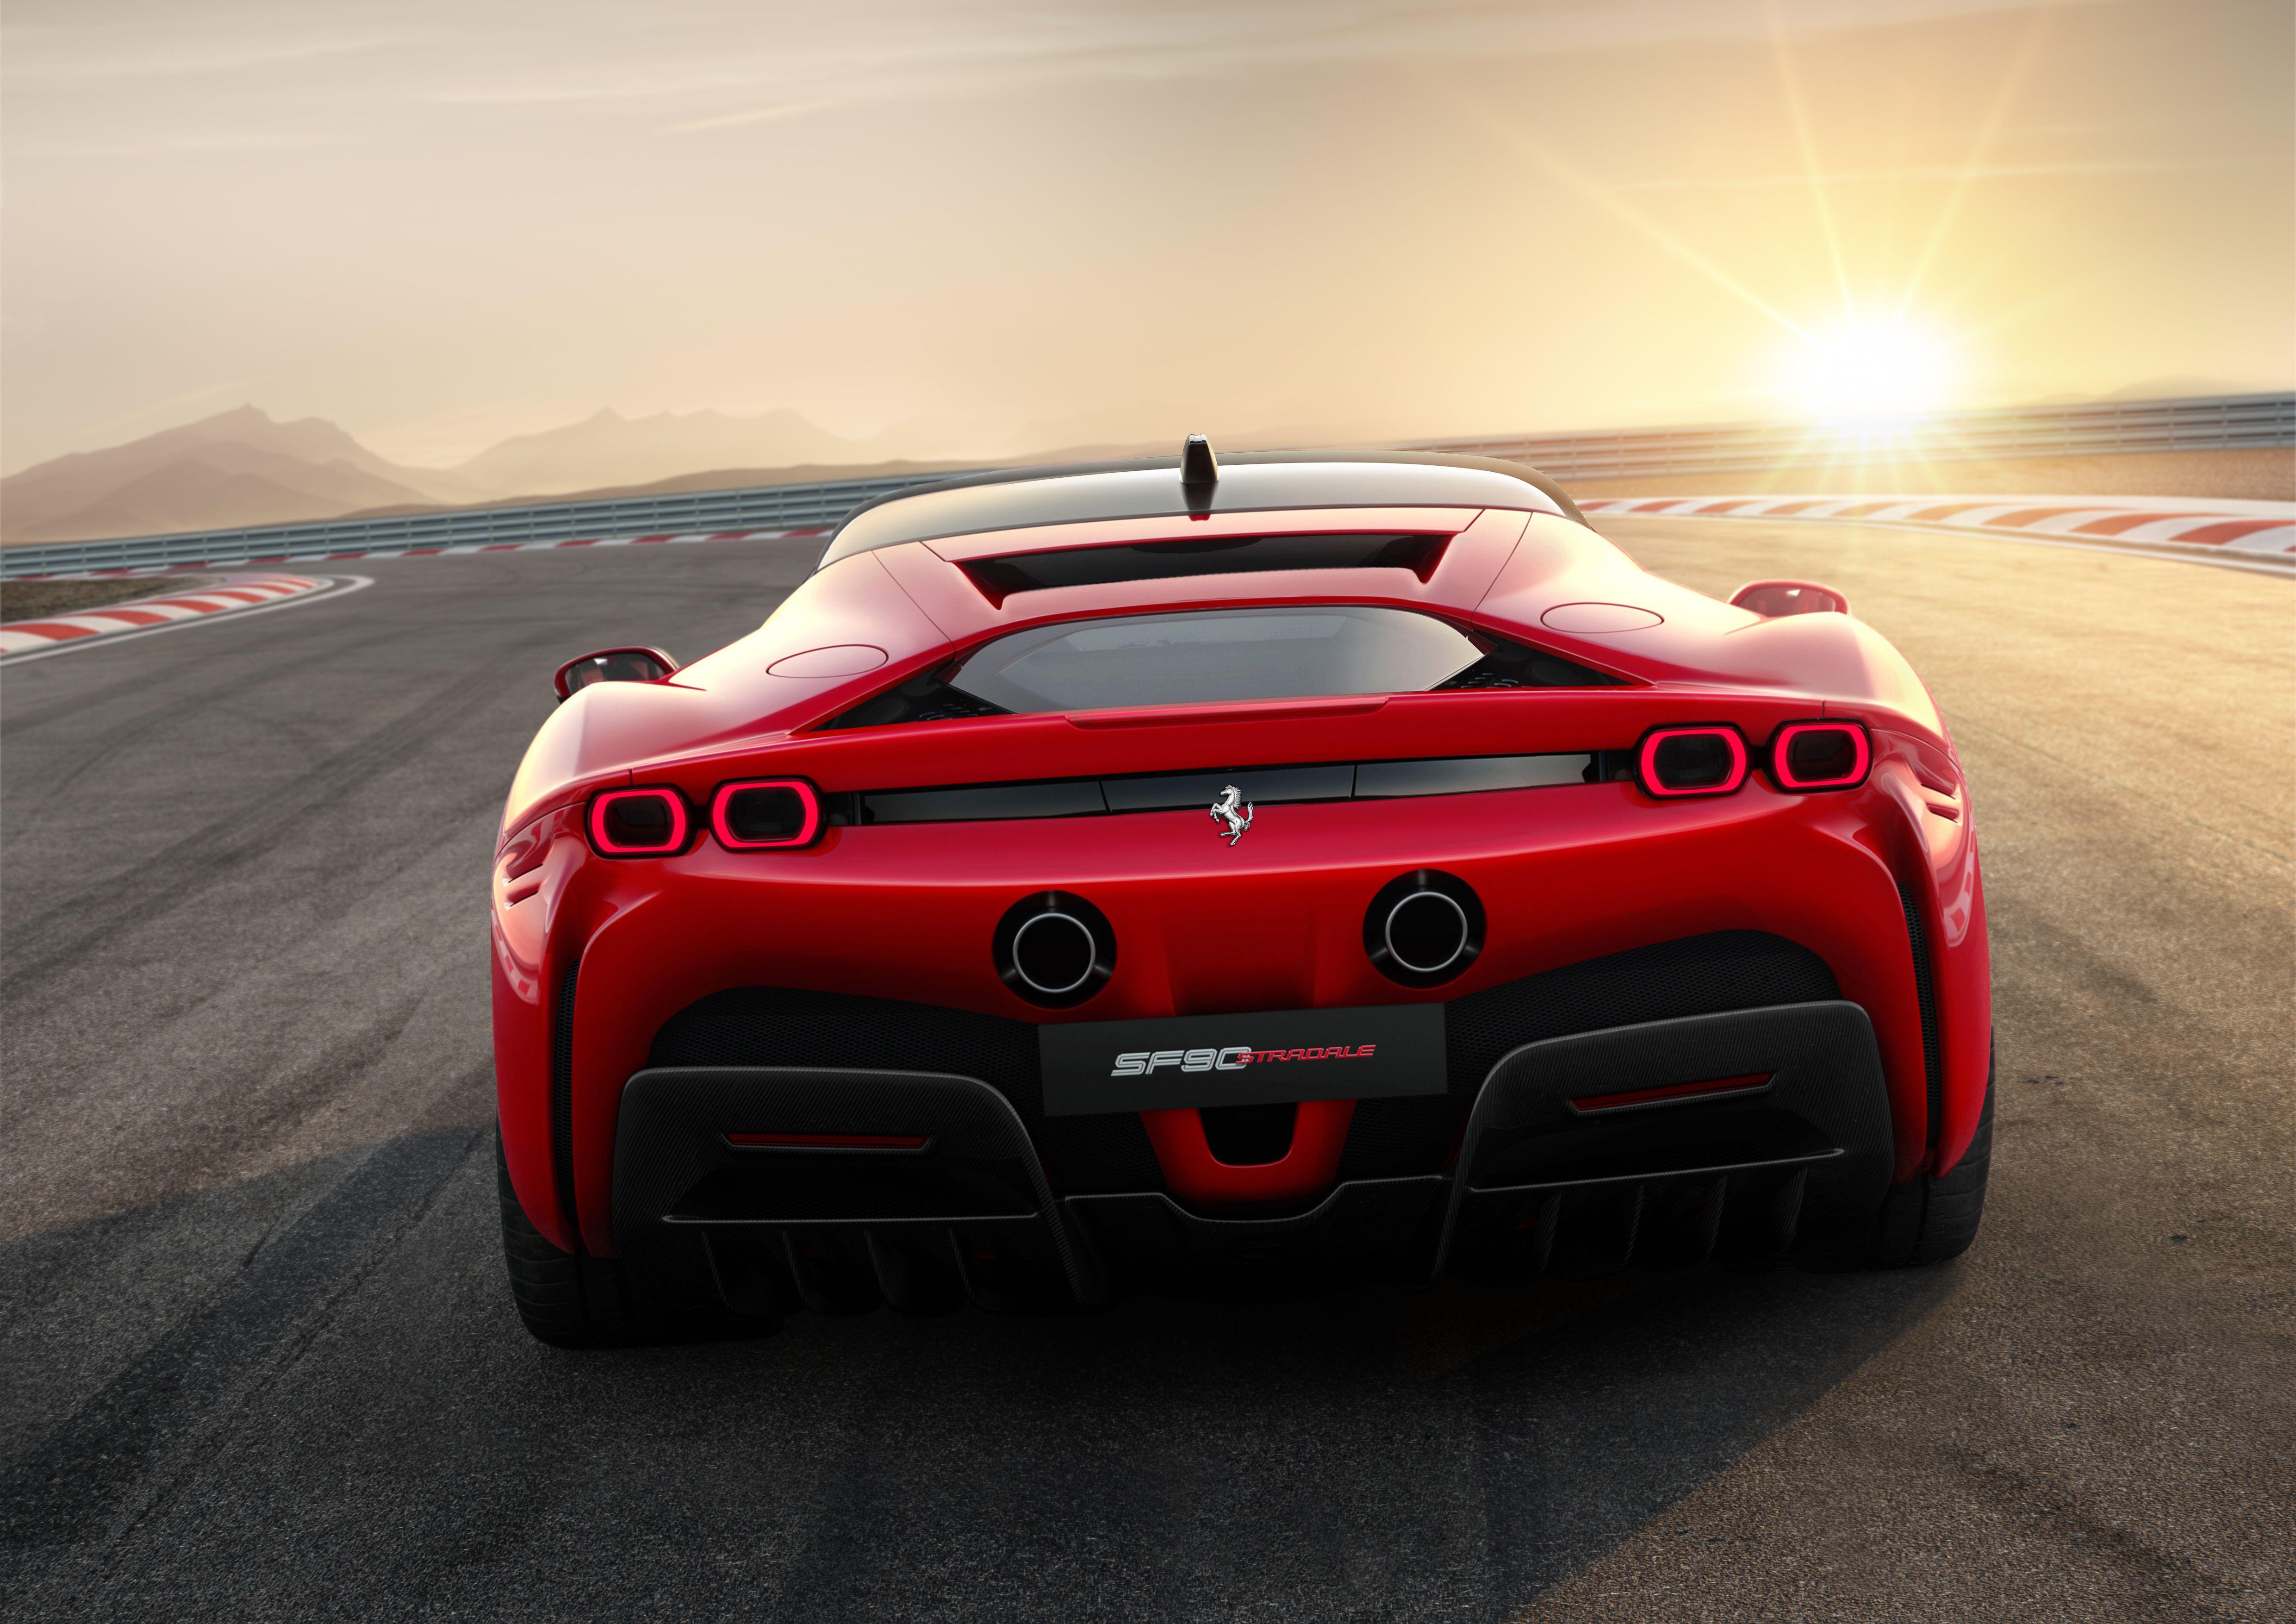 2020 Ferrari Sf90 Stradale Gallery Top Speed New Ferrari Super Cars Ferrari